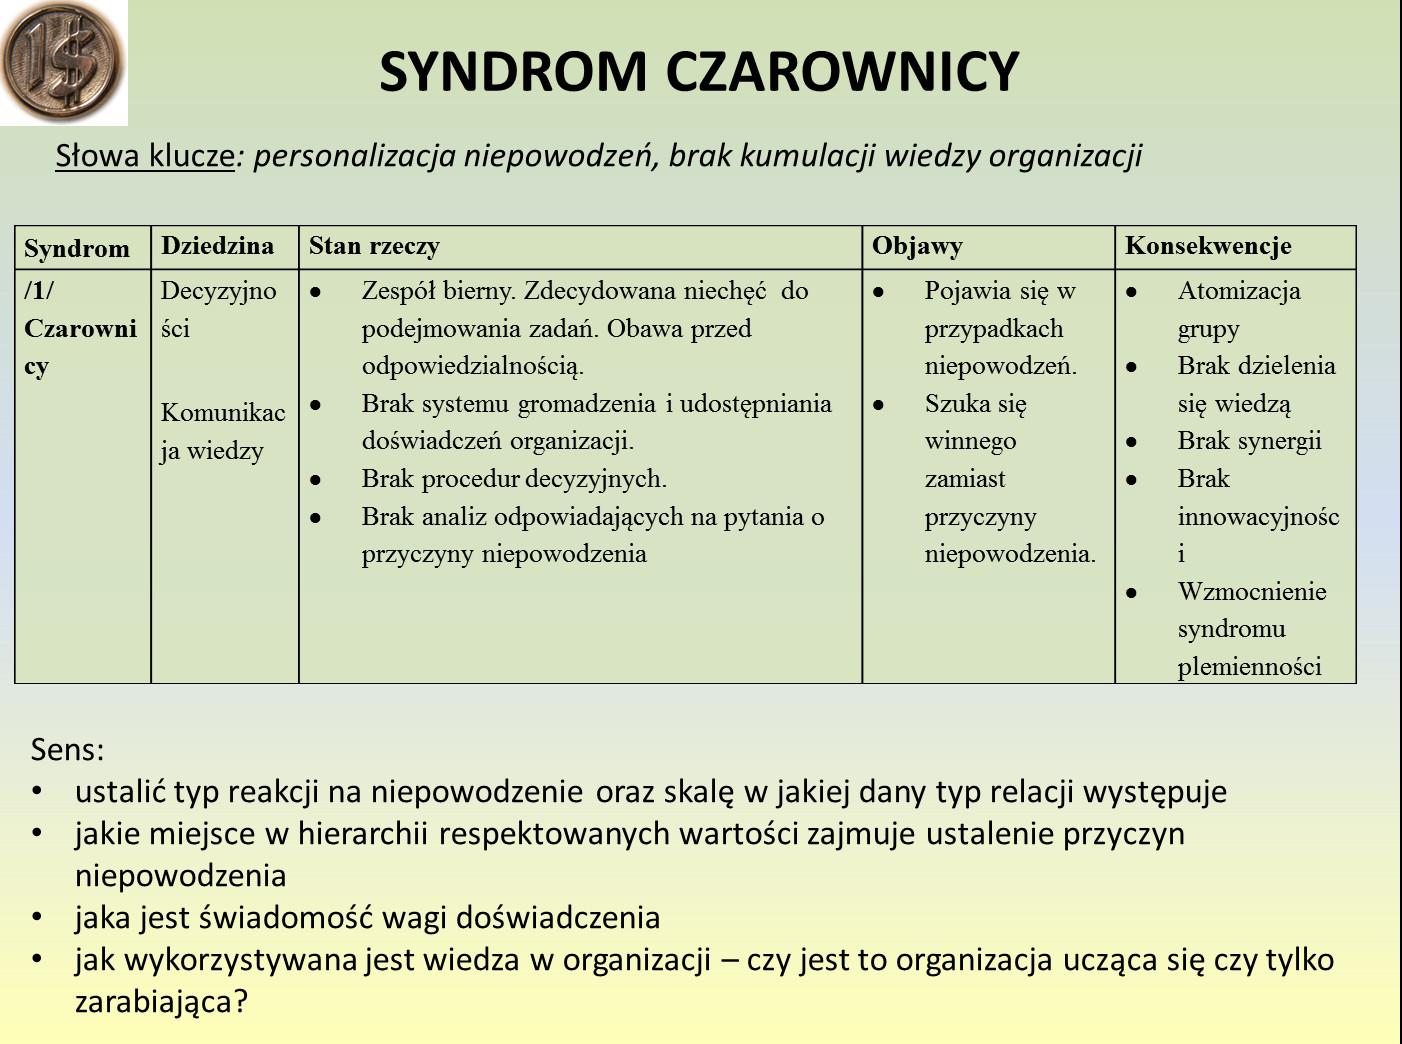 Syndrom czarownicy